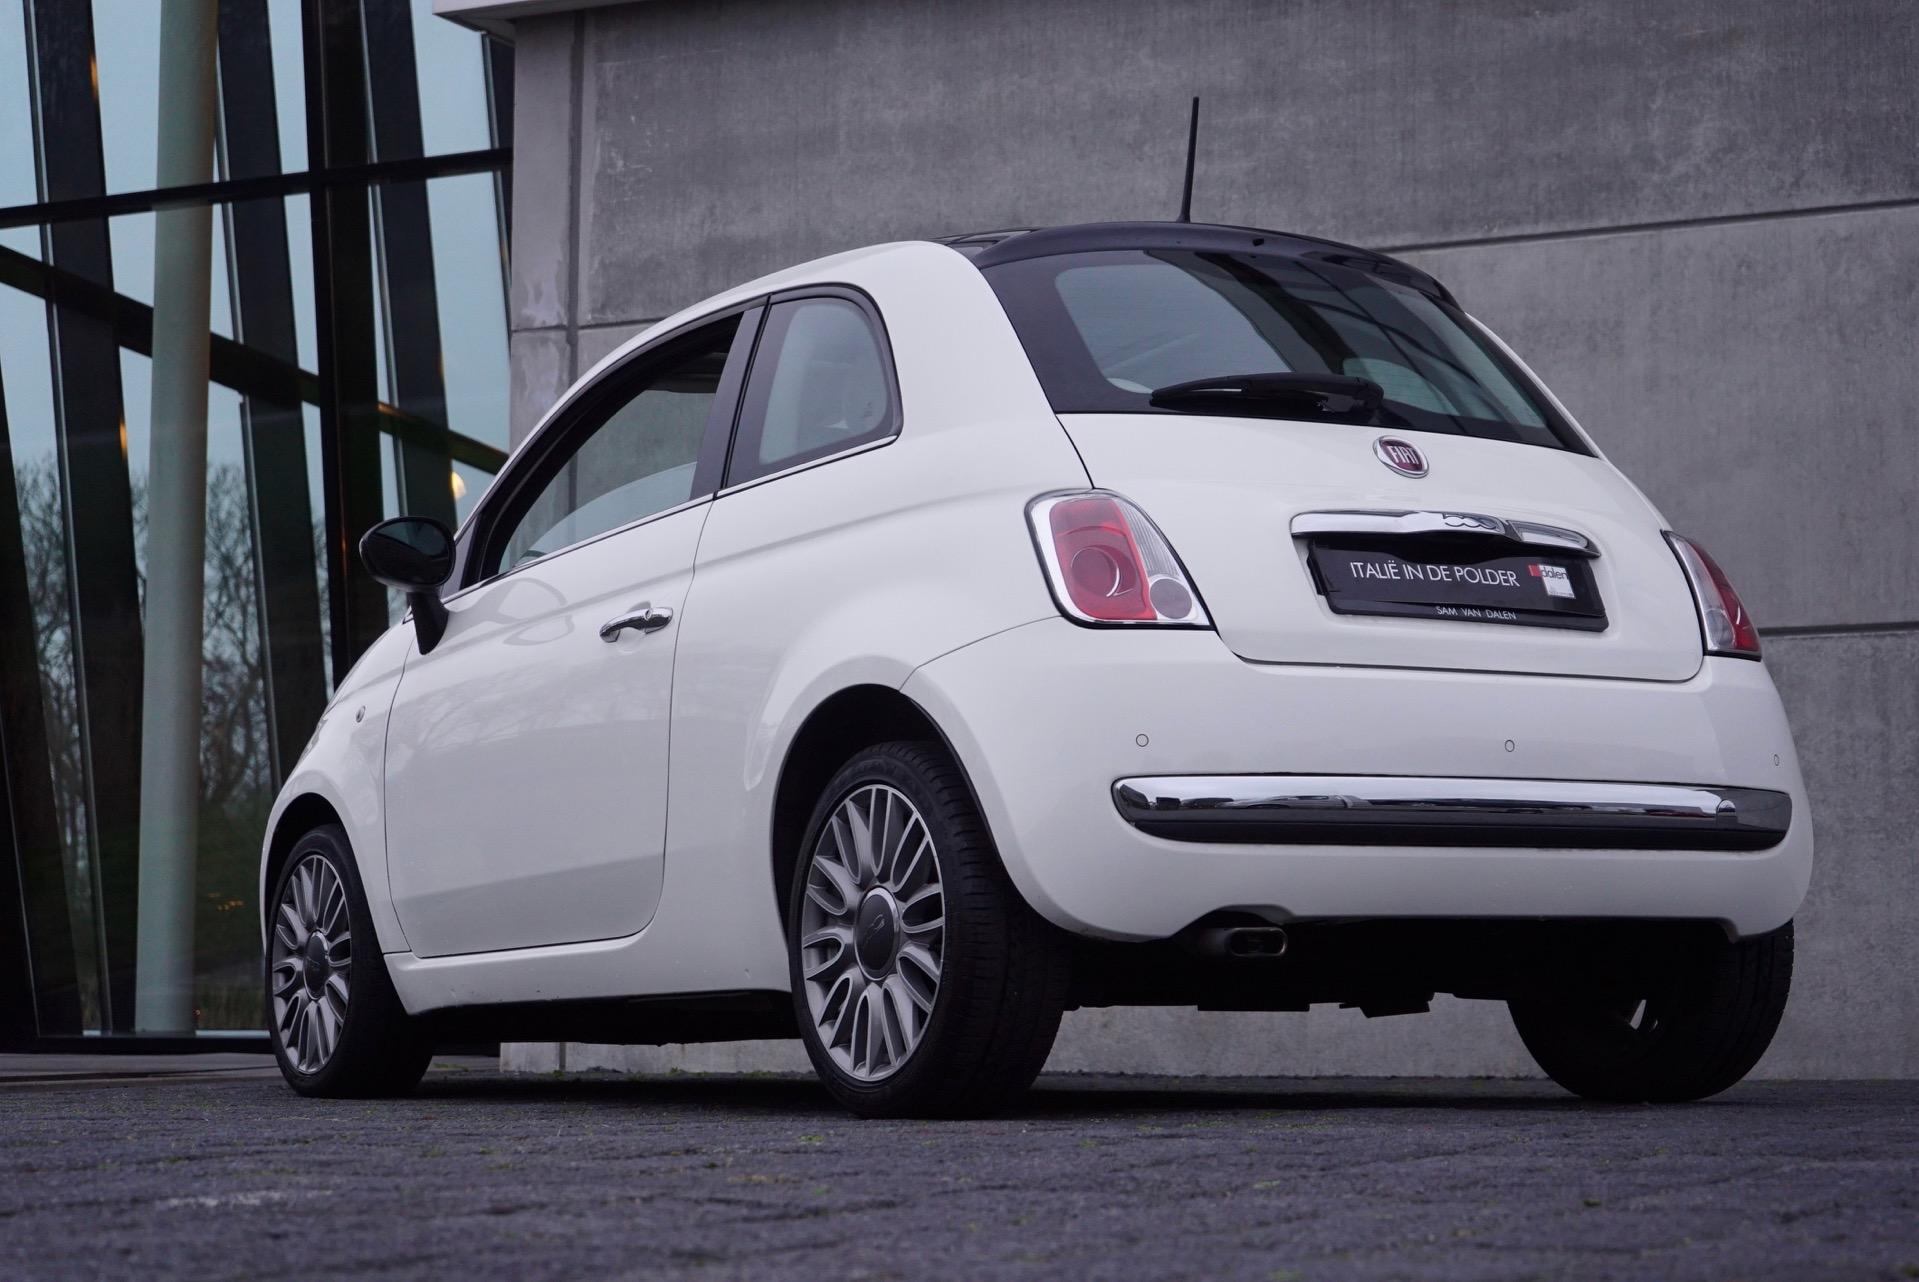 FIAT 500 0.9 TWINAIR TURBO CULT